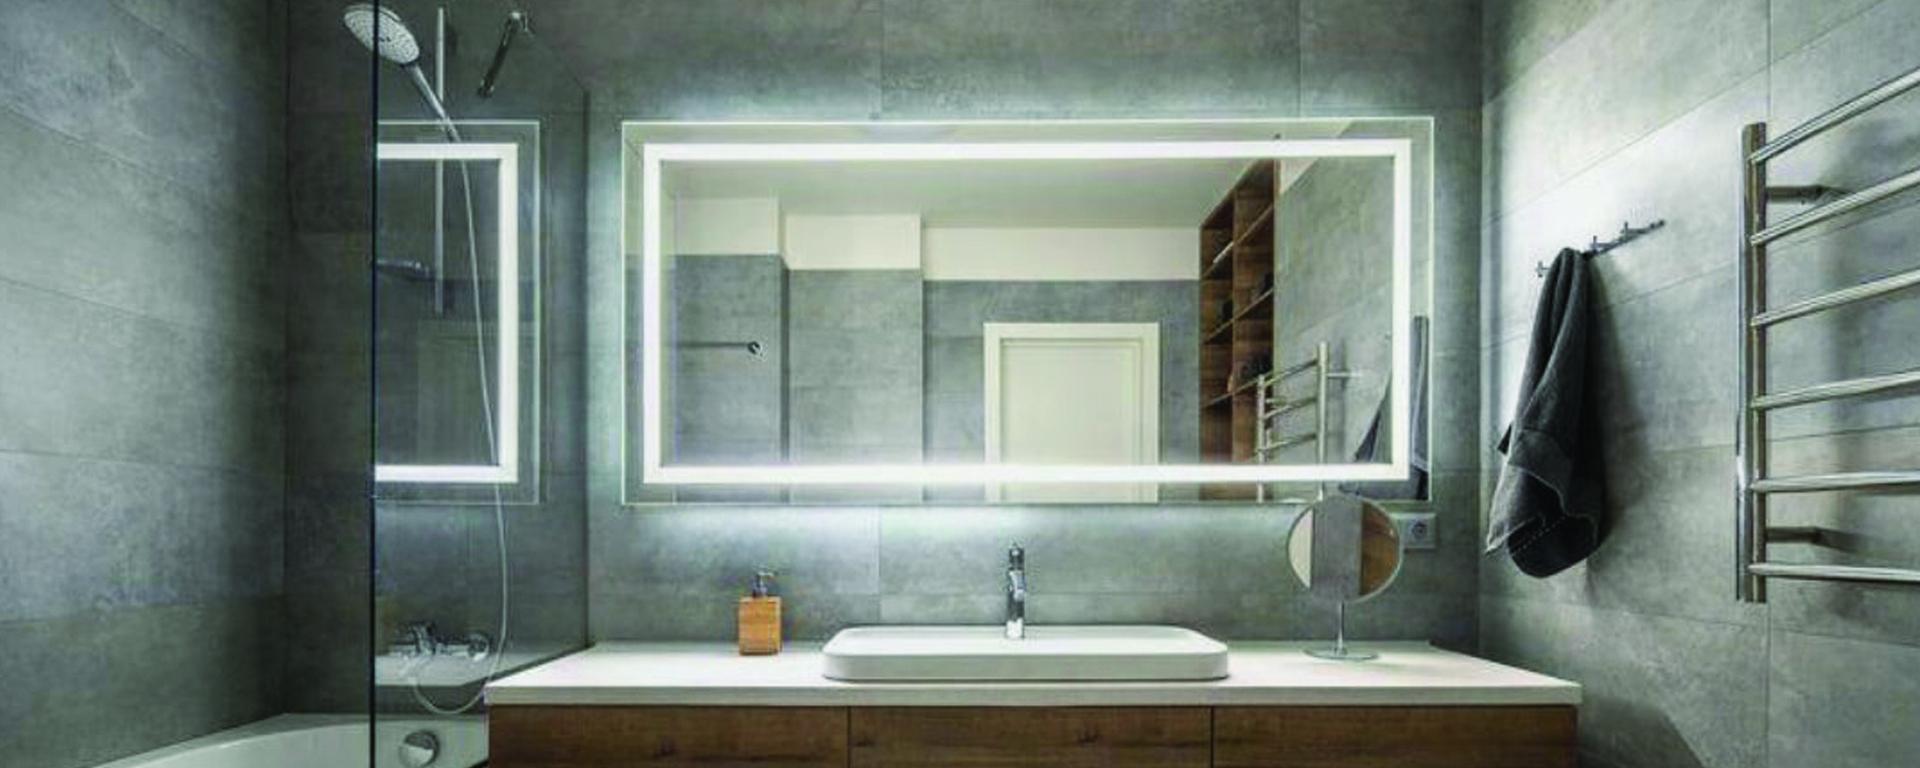 Τζάμια - Κρύσταλλα - Καθρέπτες